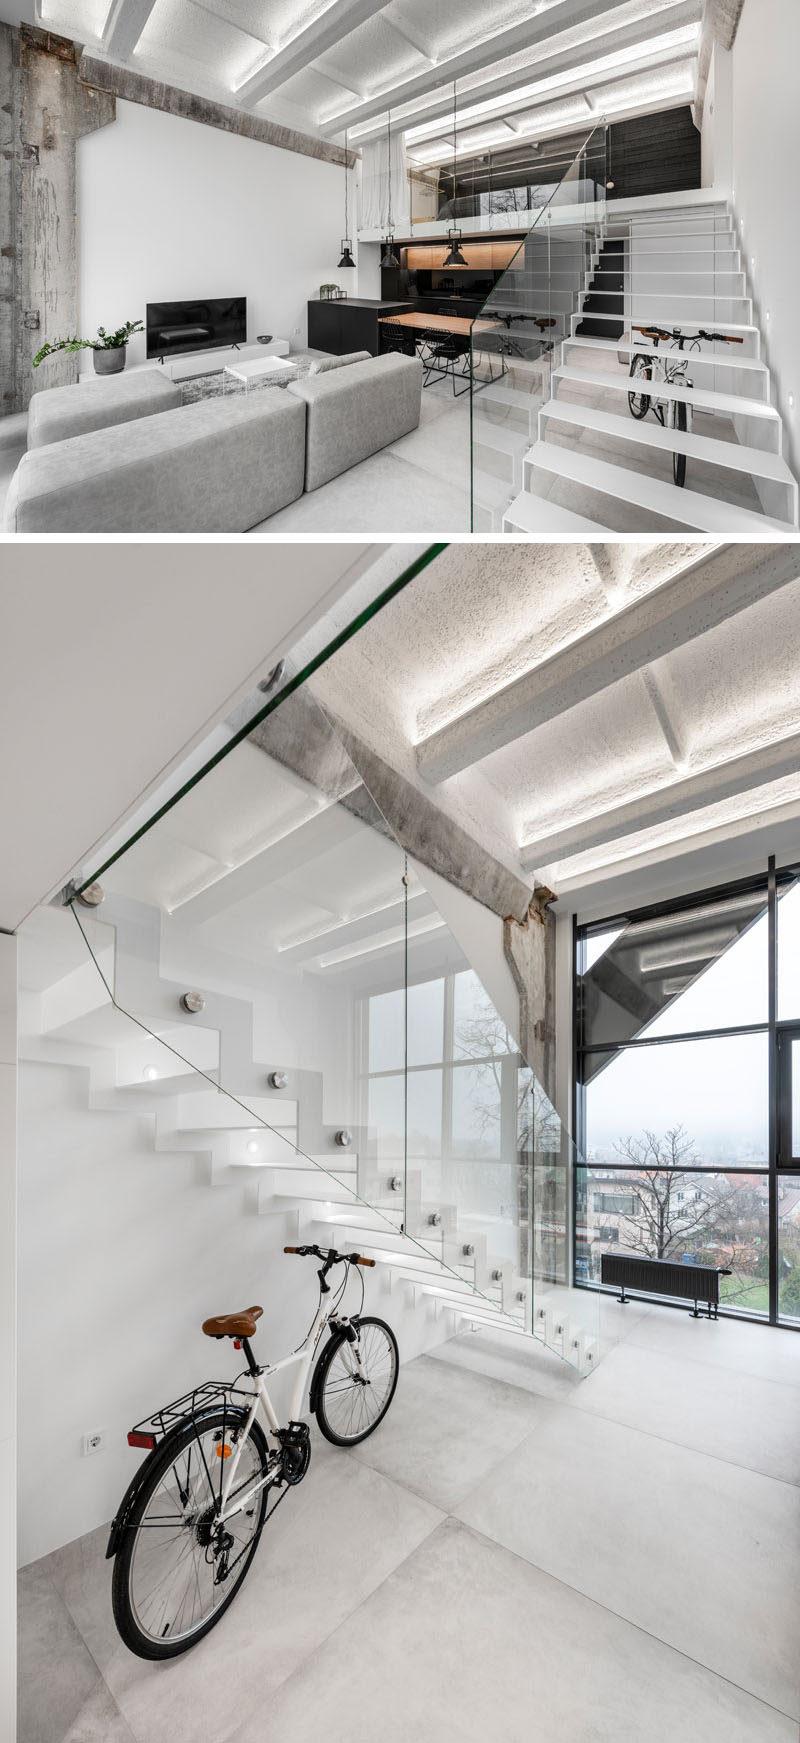 Trong căn hộ hiện đại công nghiệp này, cầu thang kim loại màu trắng tối giản với tay vịn bằng kính dẫn lên phòng ngủ. #Stairs #MinimalistStairs